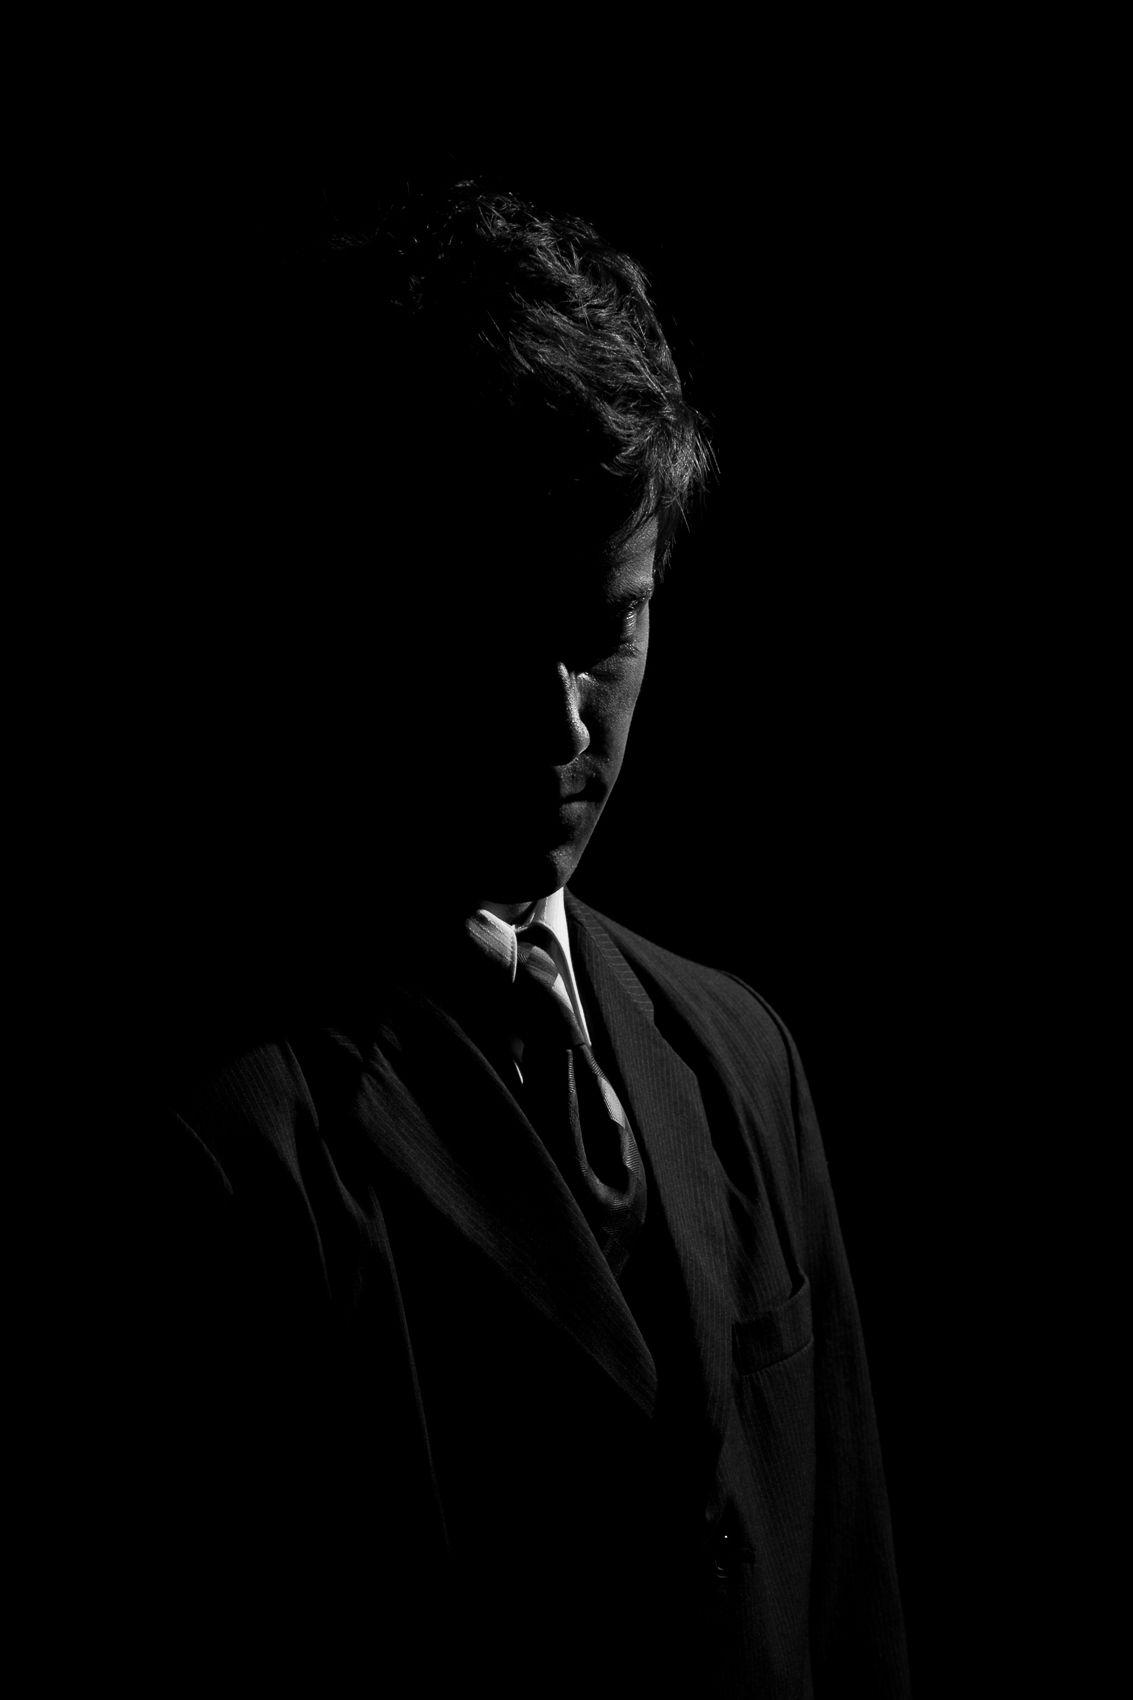 portrait, rim light, black and white, suit,